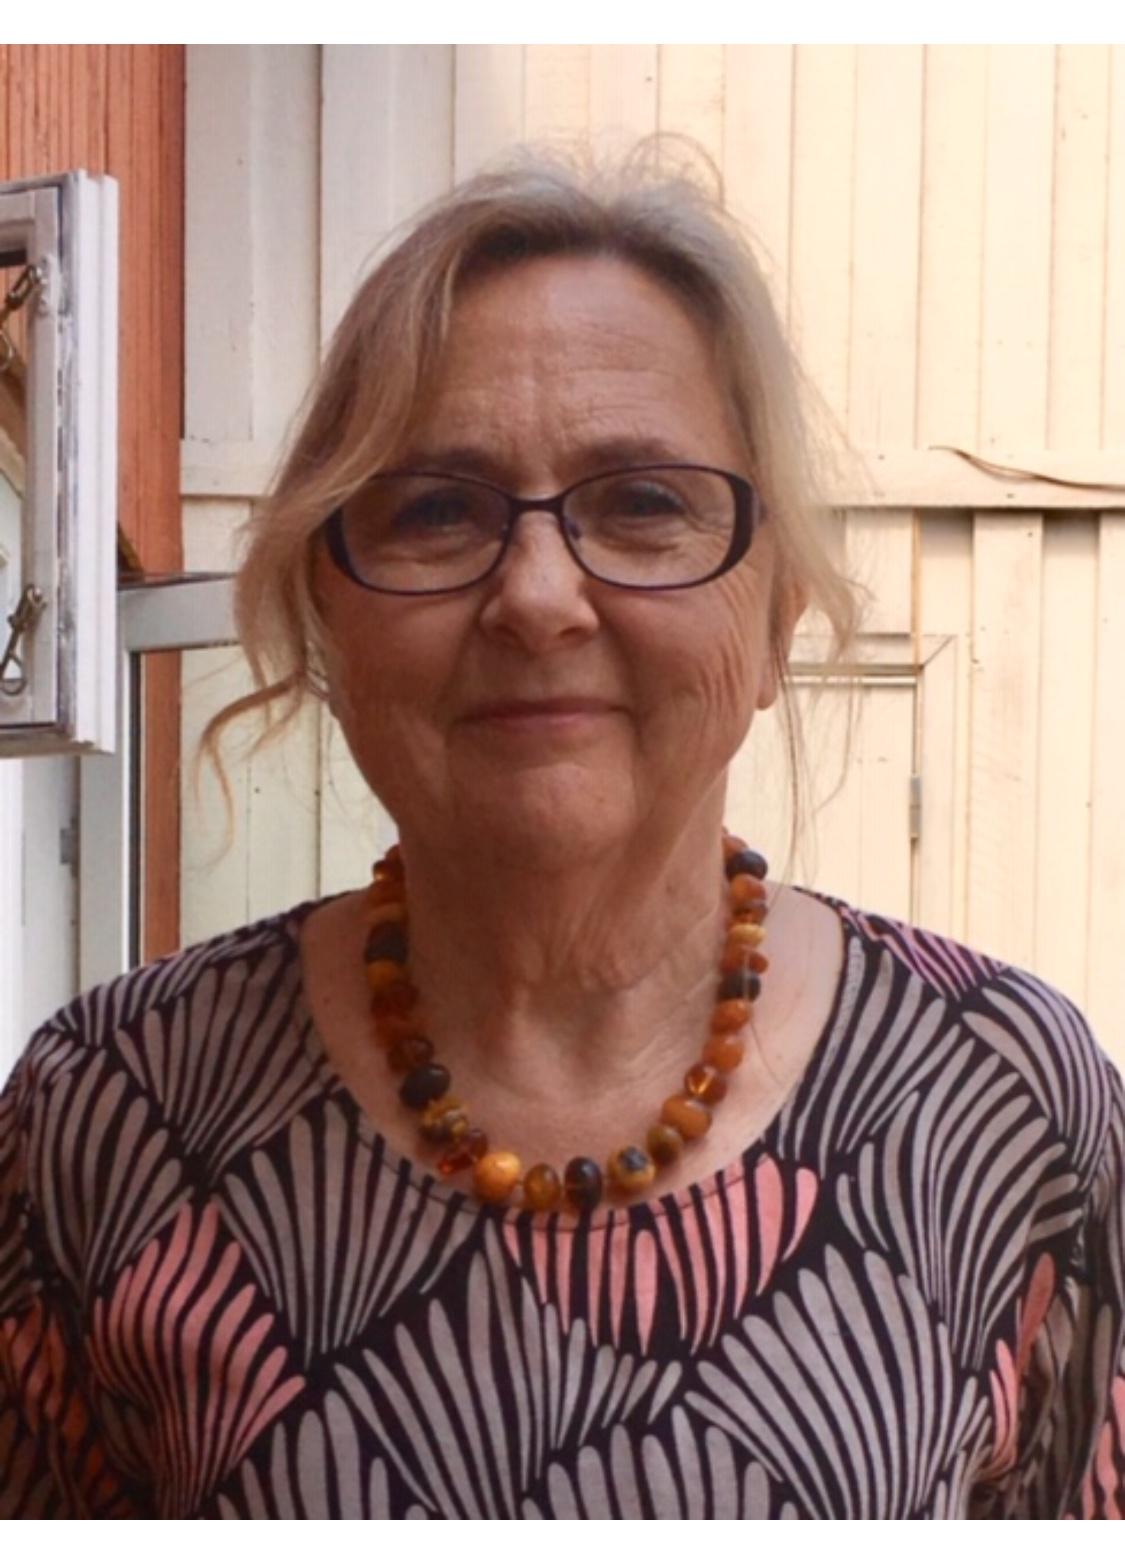 cecillia Petersen, Roskilde